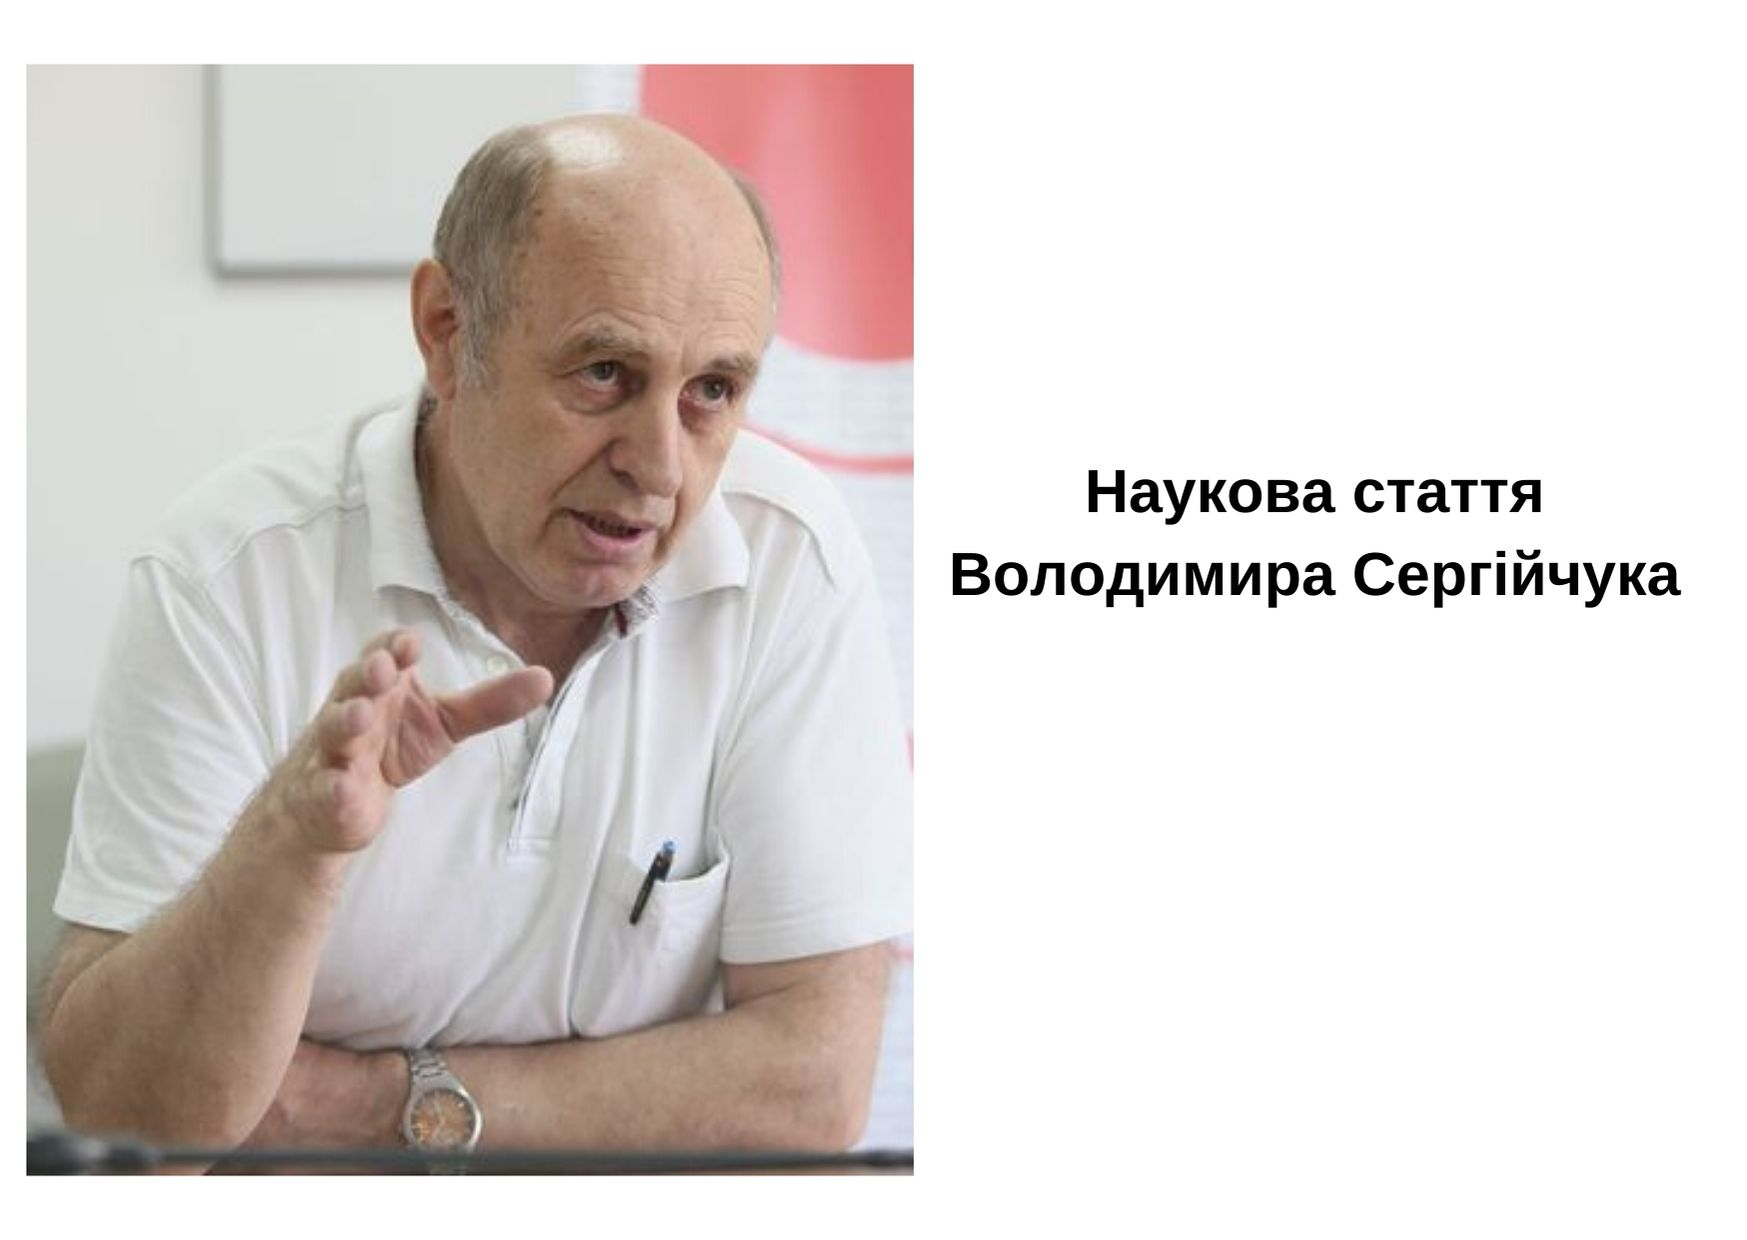 На фото професор Сергійчук, він щось розповідає, сидить, спираючись на стіл, одягнений у білу теніску